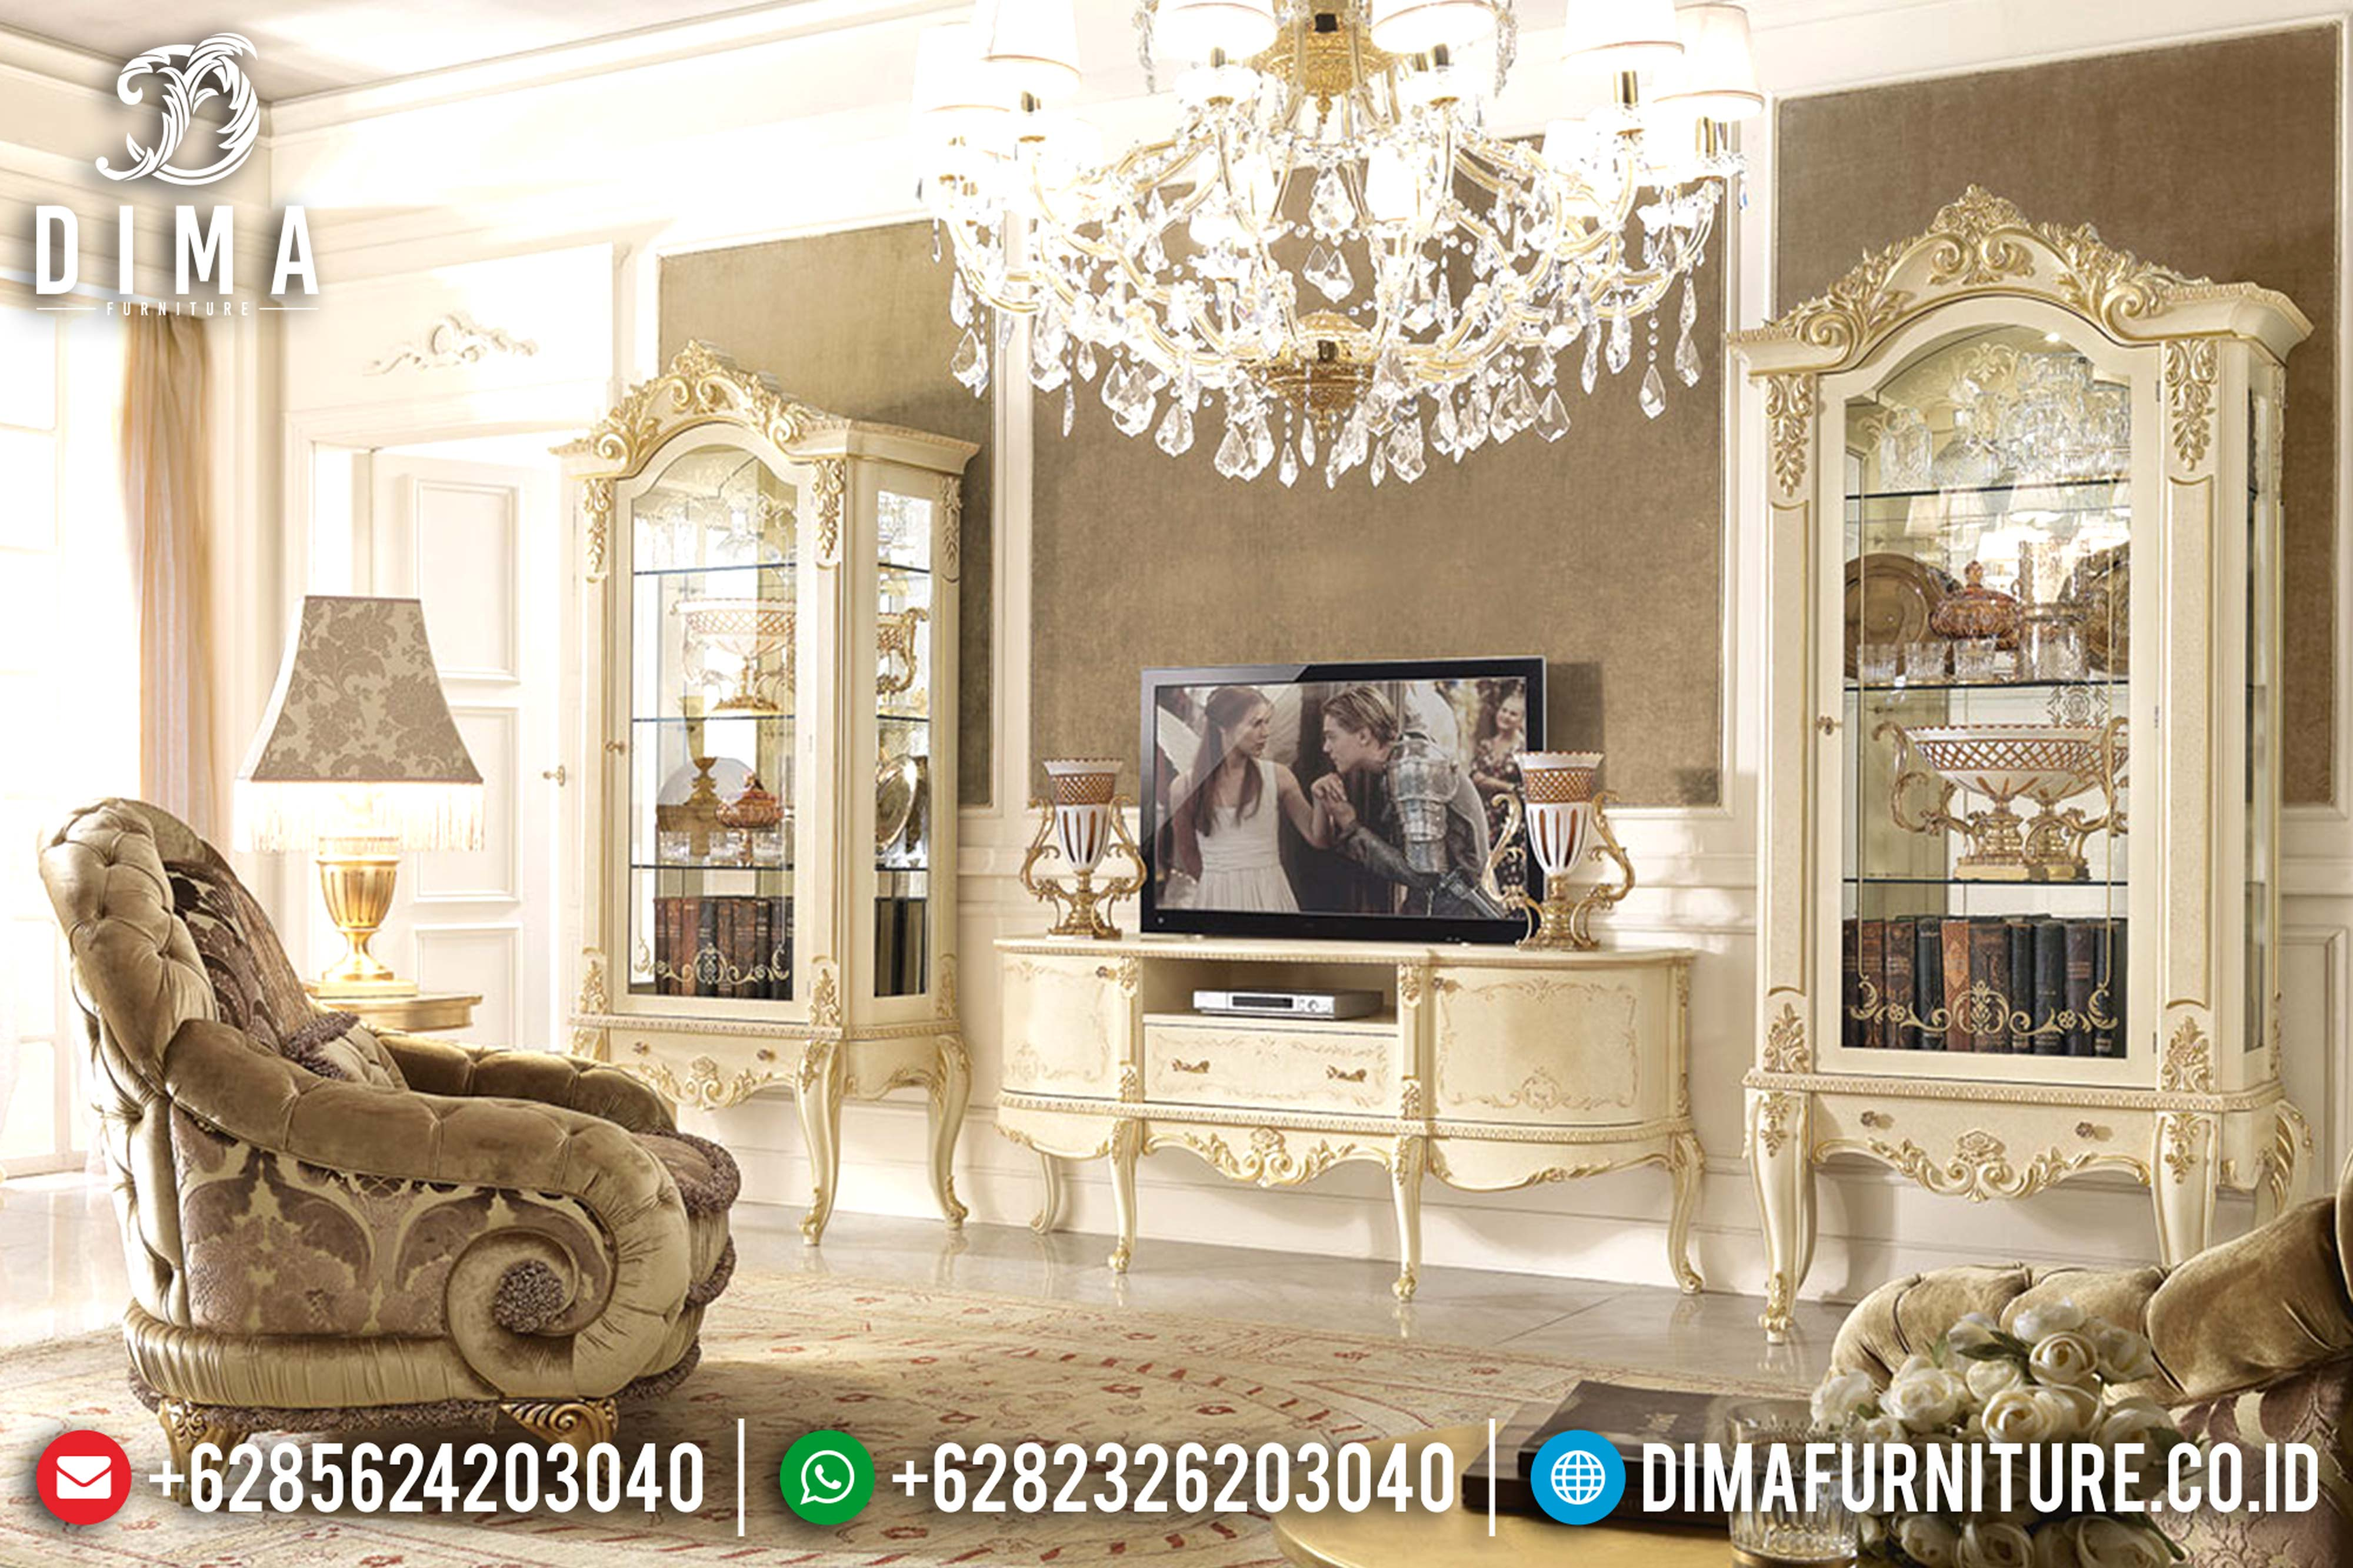 Bufet Tv Mewah Jepara, Lemari Hias Terbaru, Bufet Tv Klasik Mewah Mm-0322